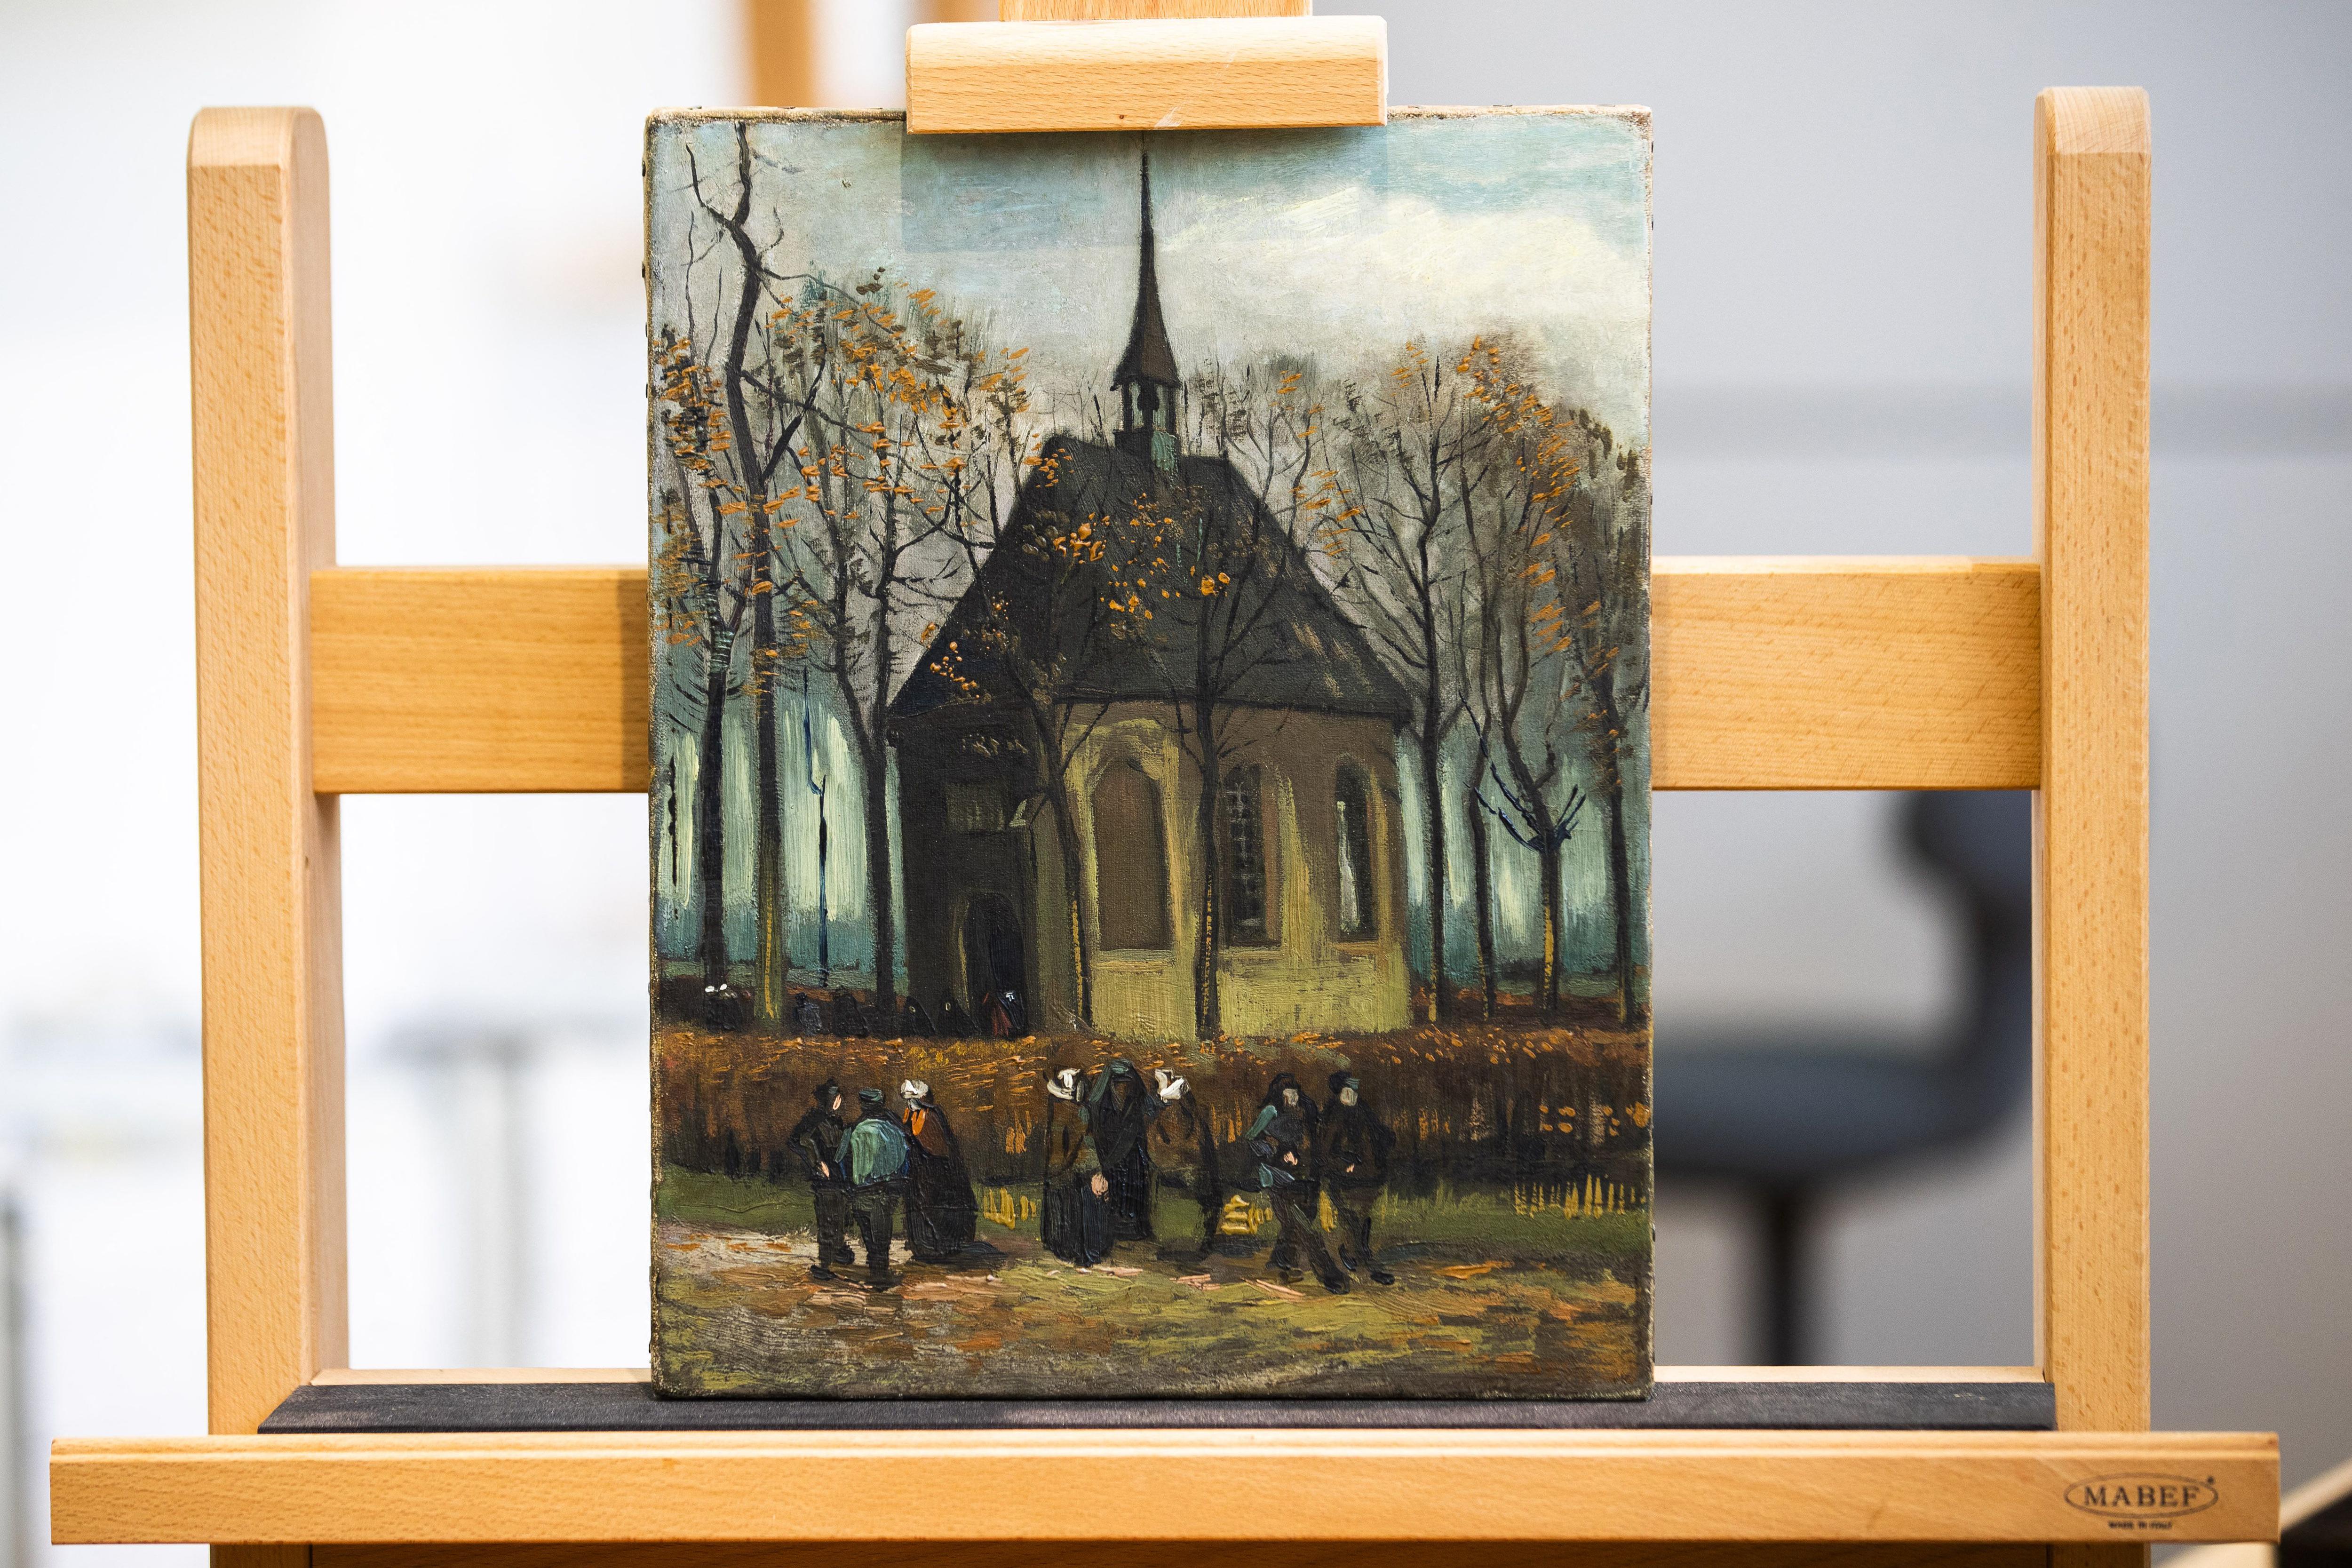 A holland rendőrség letartóztatott egy férfit, aki ellophatta a 21 millió eurót érő Van Gogh és Hals festményeket